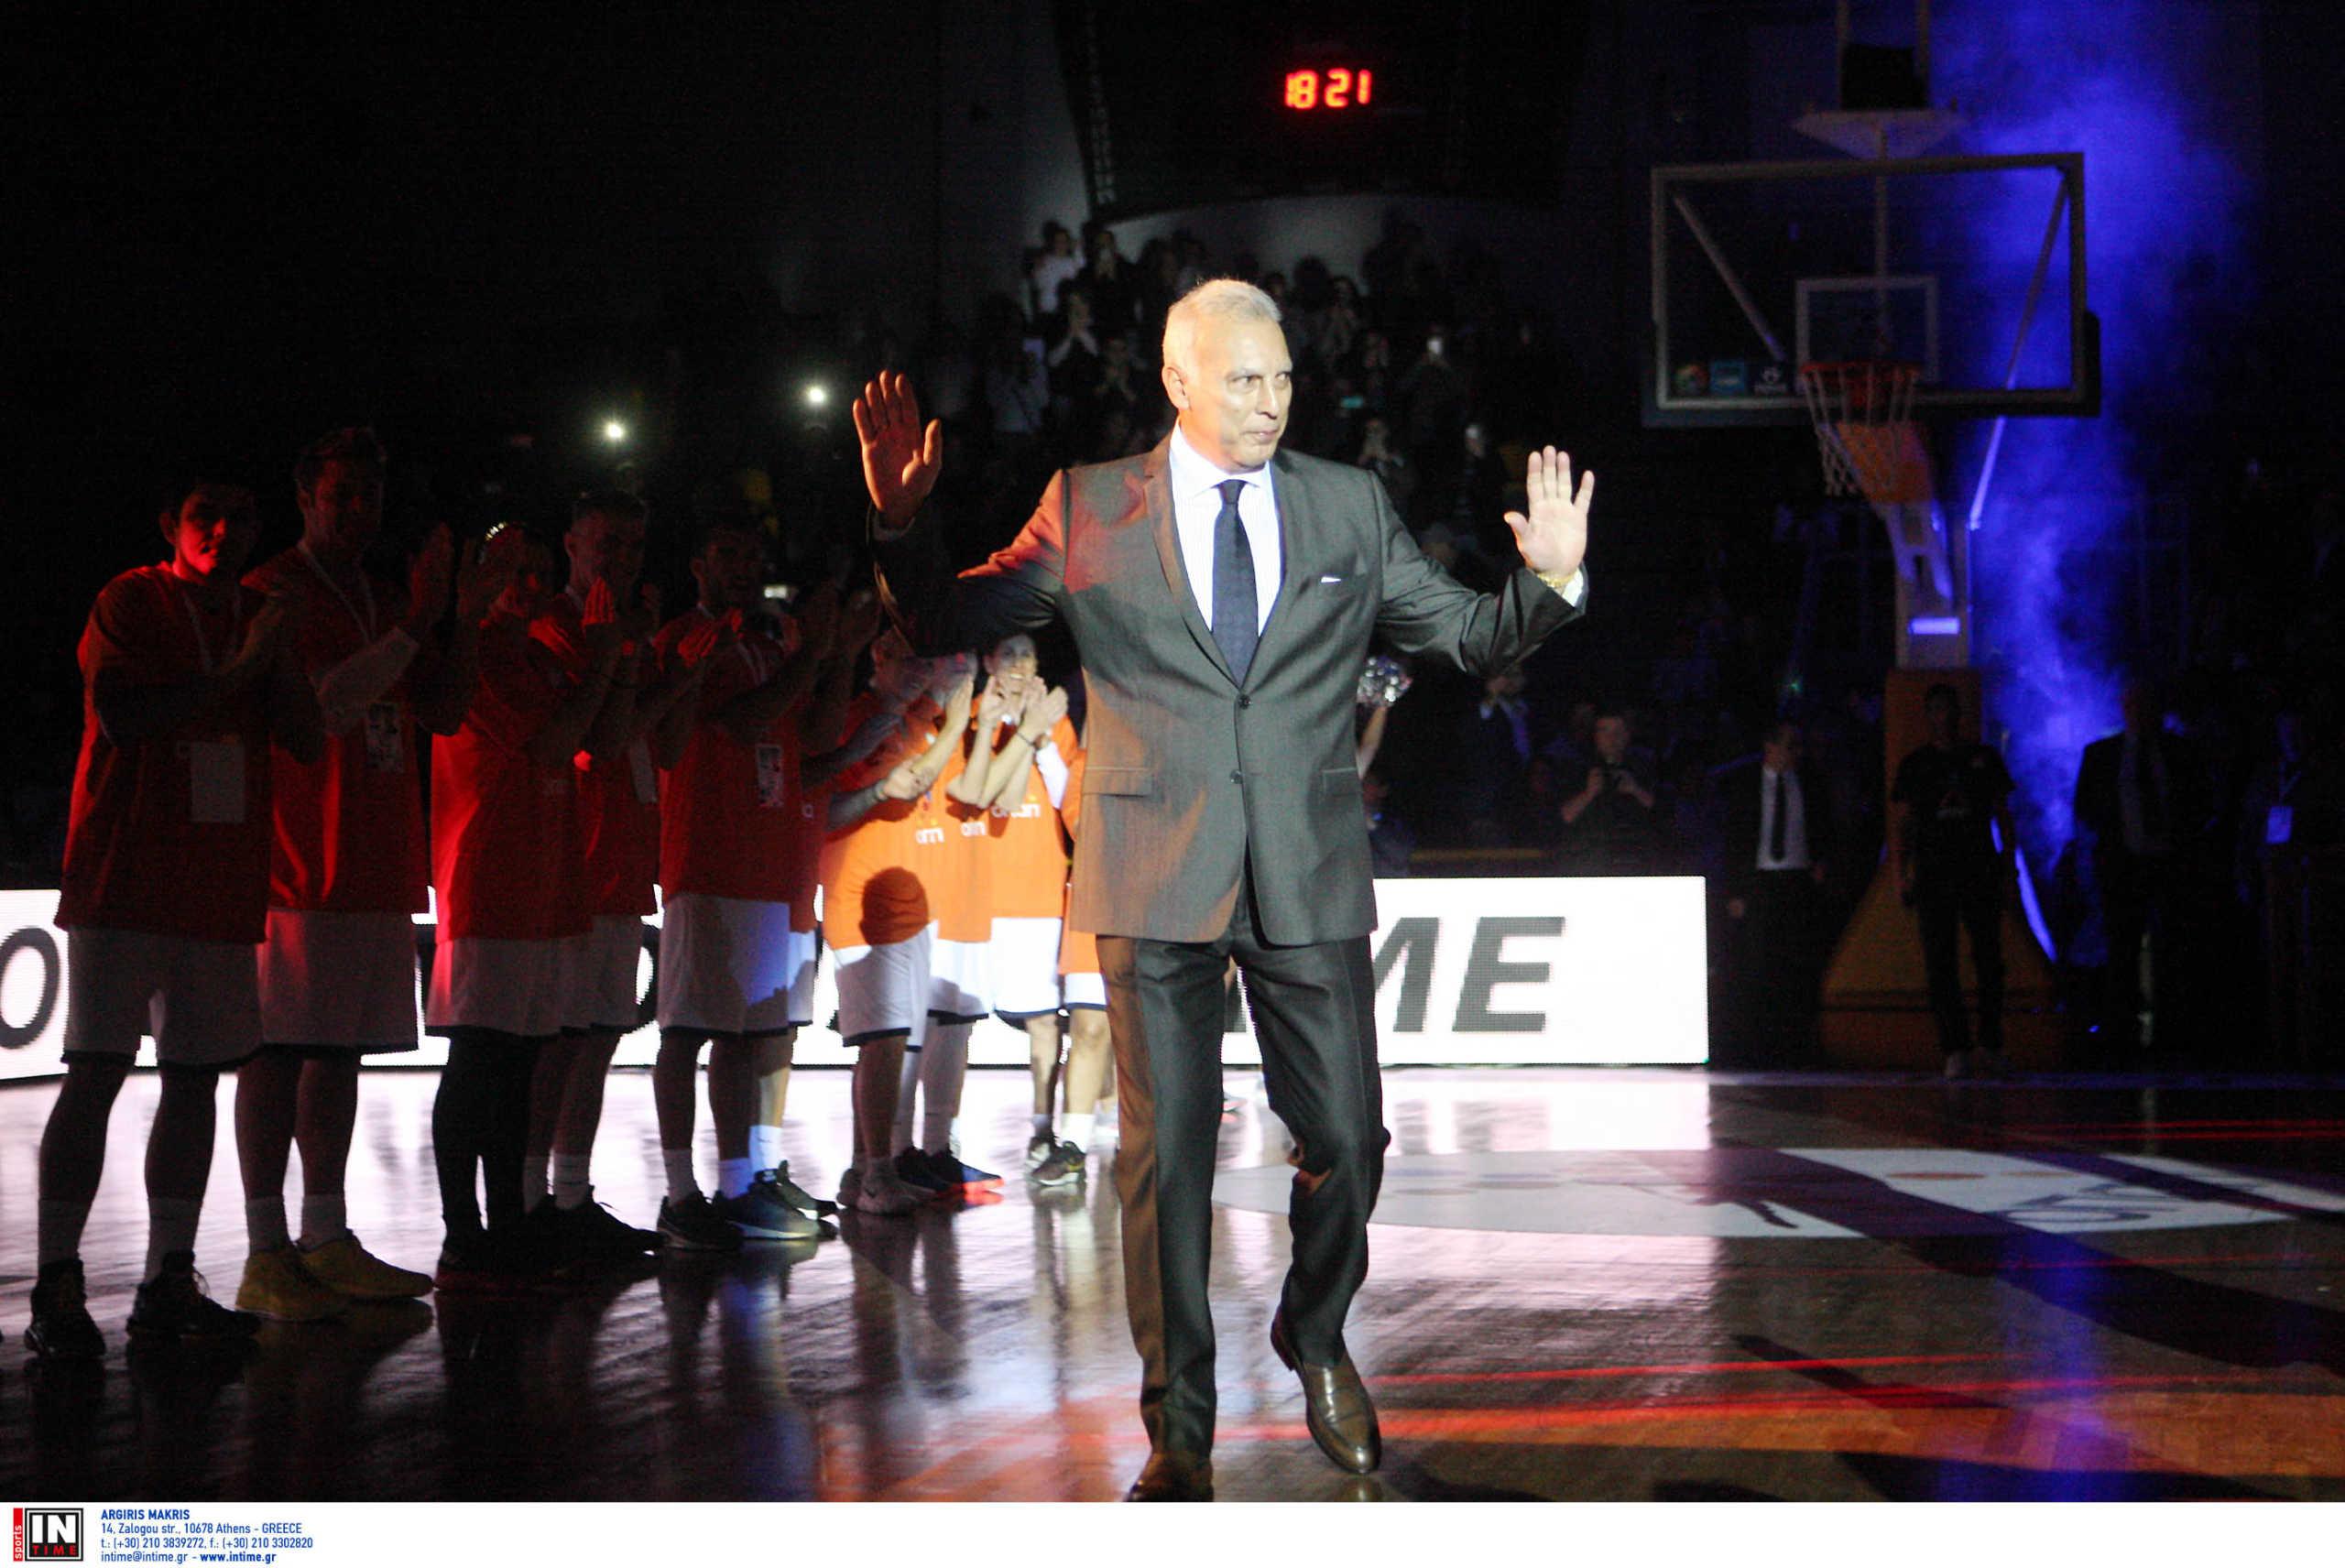 """Ο Γκάλης για το… έπος του 87′! """"11 παιδιά αλλάξαμε την ιστορία του ελληνικού αθλητισμού"""""""